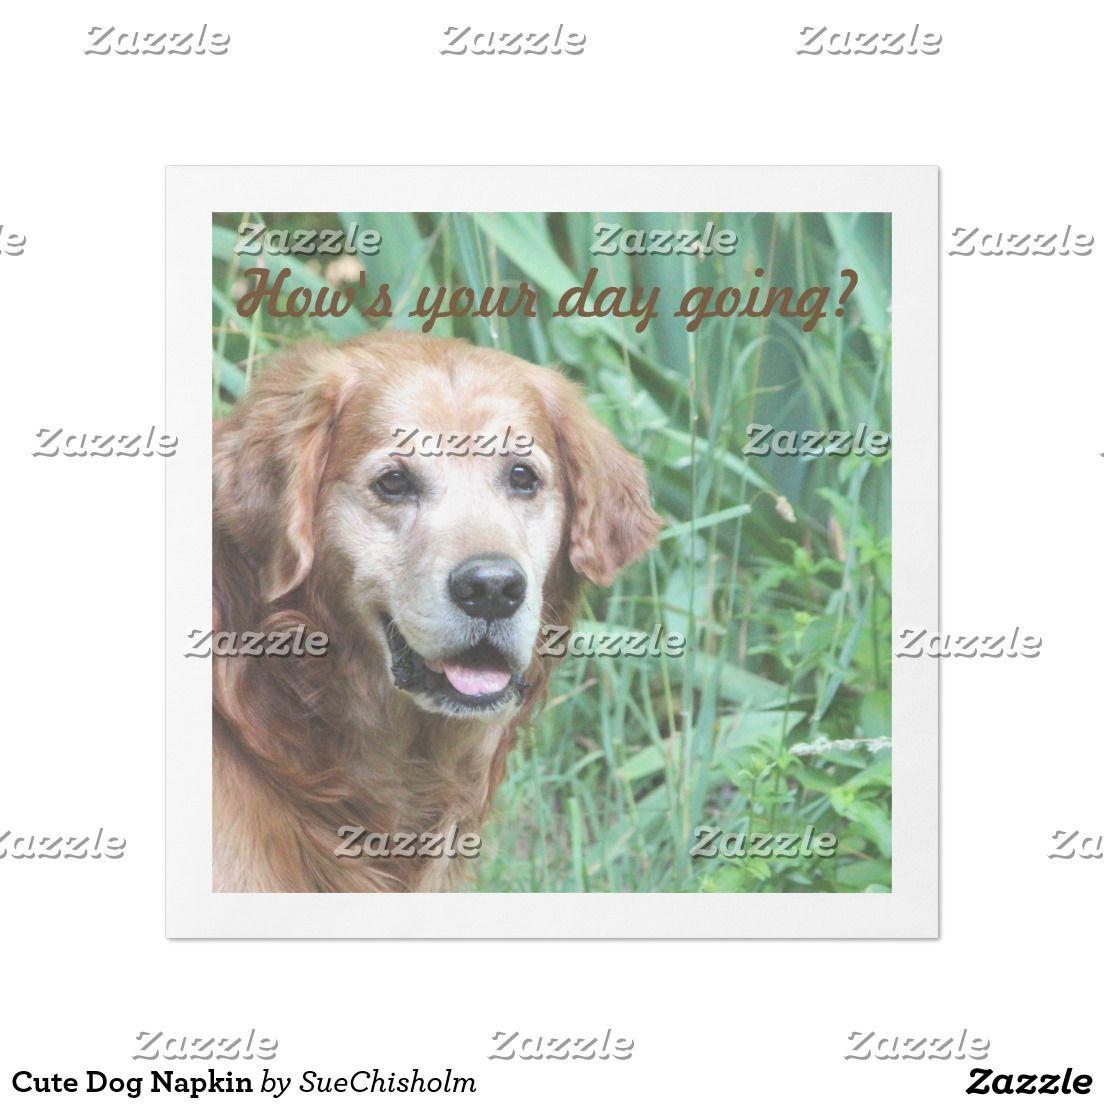 Cute Dog Napkin Cute dogs, Dogs, Cute